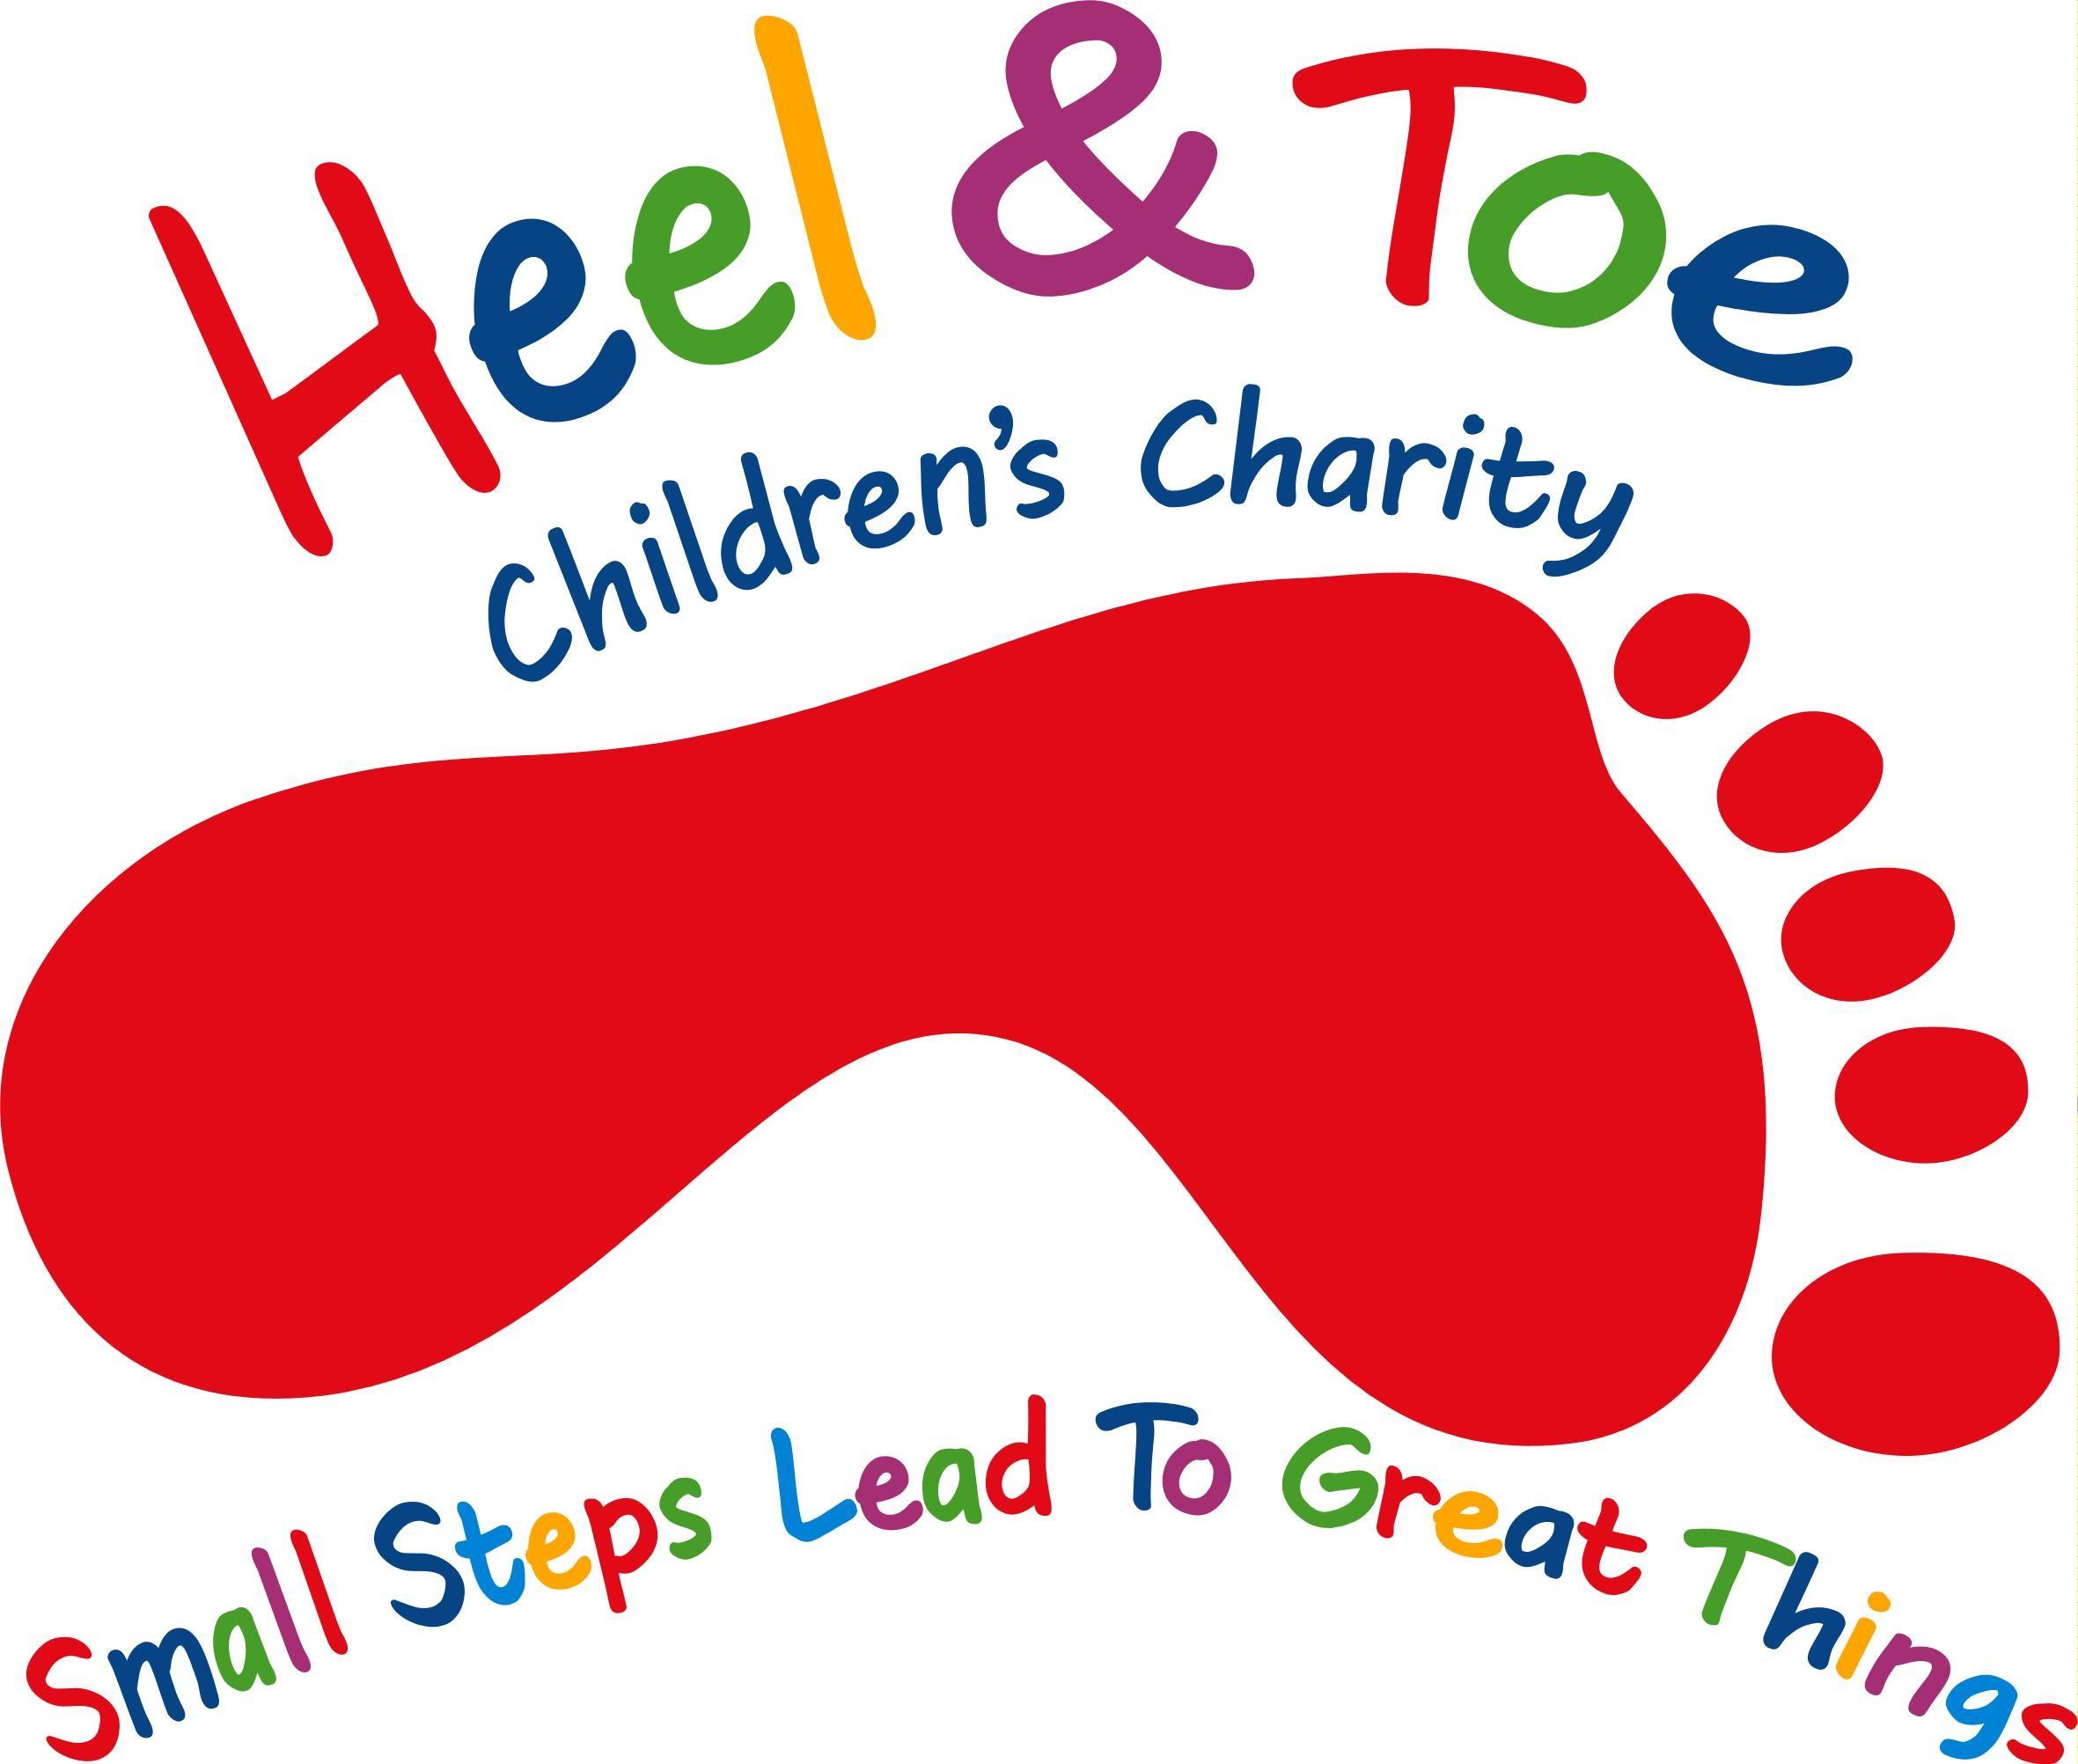 Heel & Toe Children's Charity